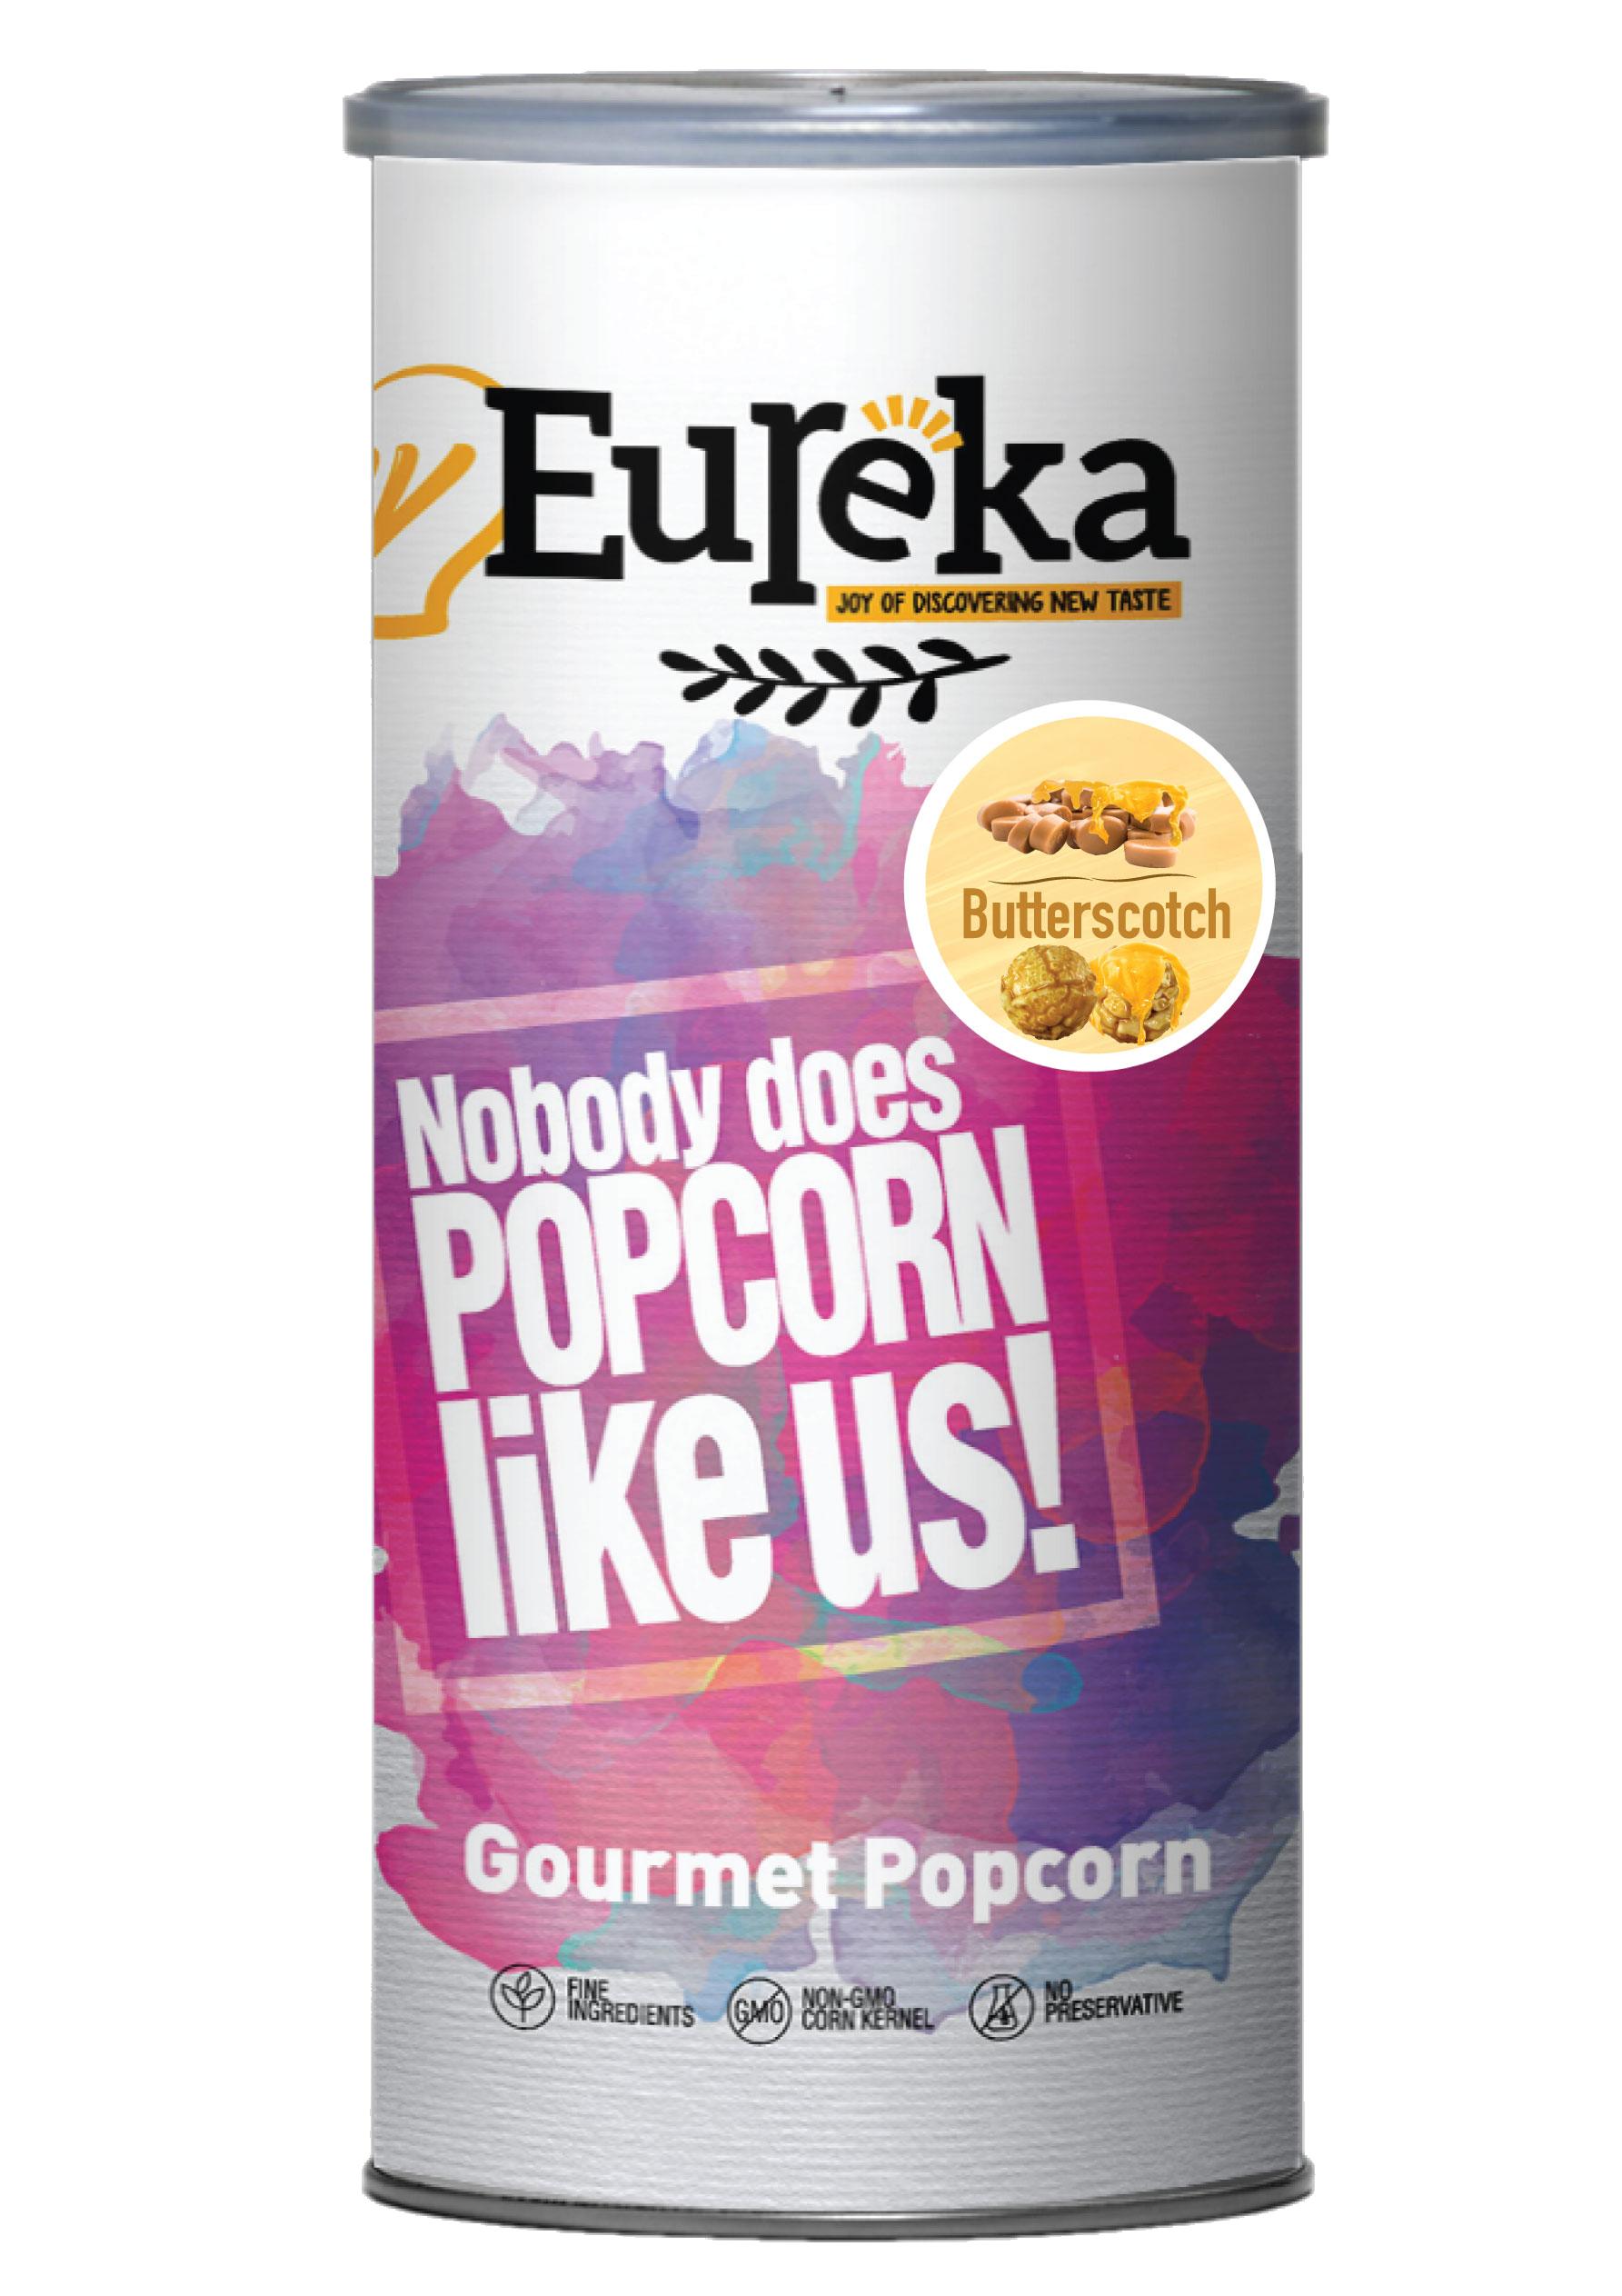 奶油糖 -【EUREKA爆米花】★90克派對罐★團購派對聚餐首選零食